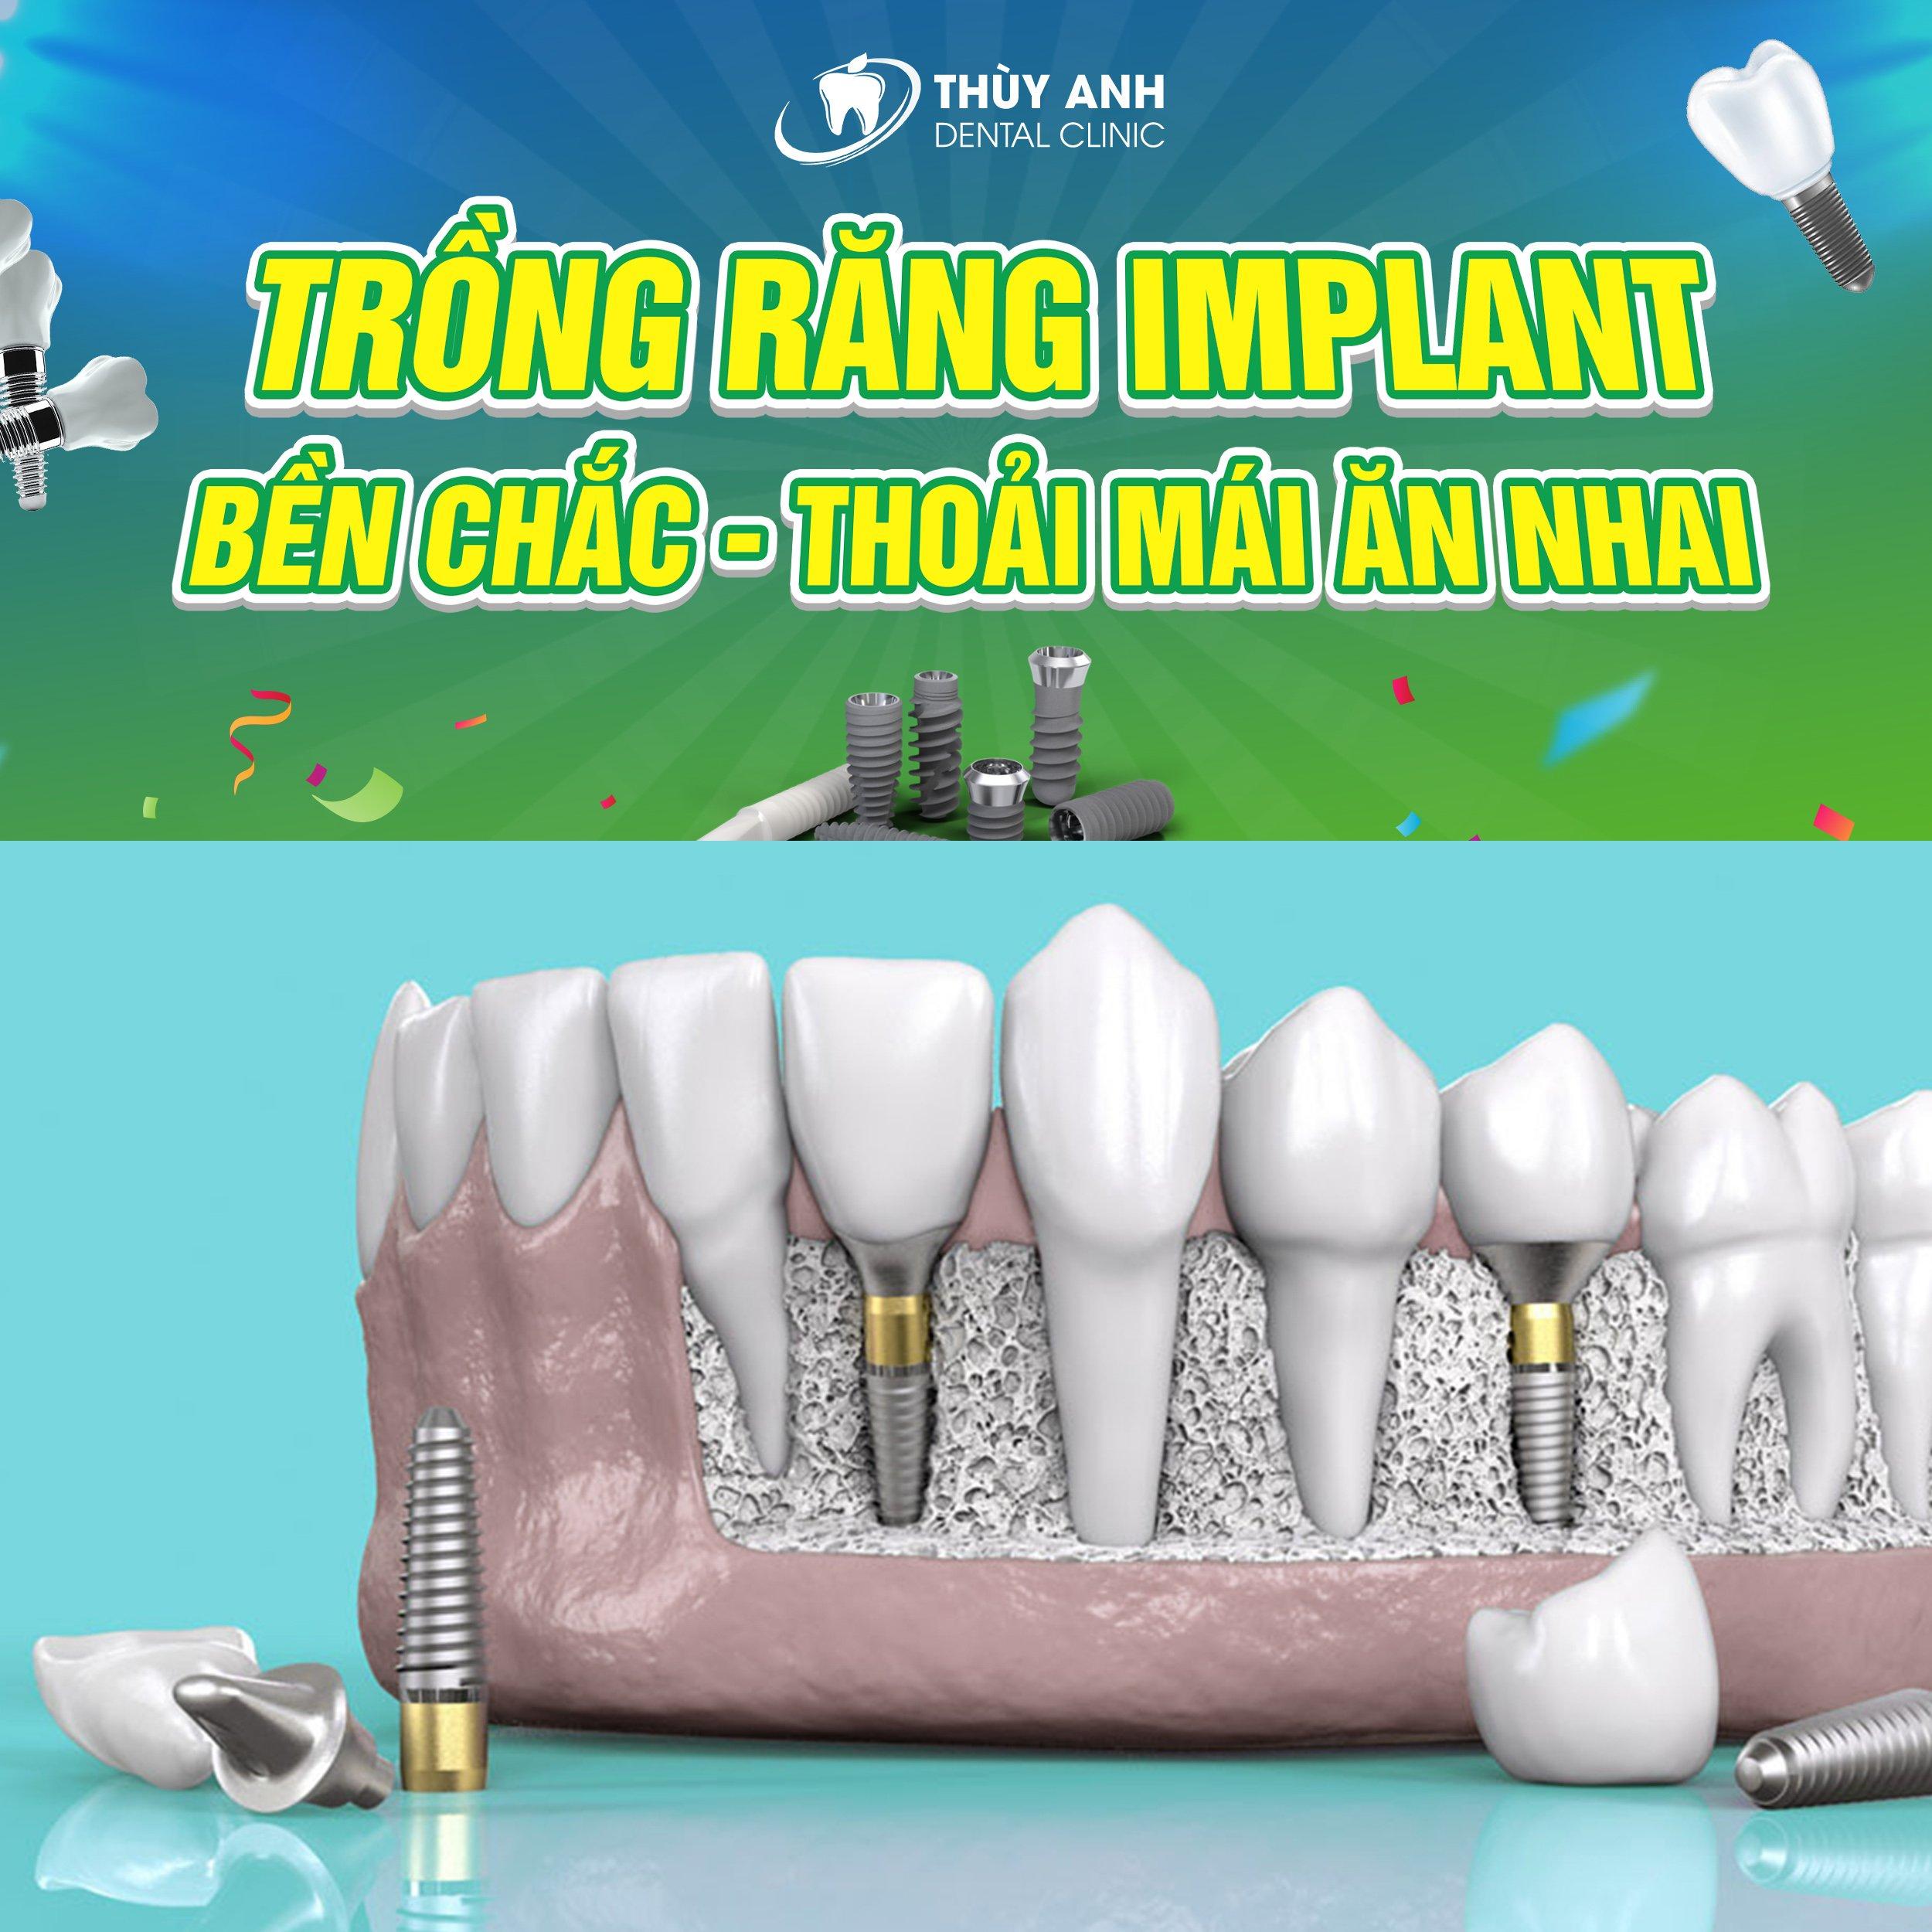 Trồng răng implant bền chắc ăn nhai thoải mái trọn gói 6.9Tr